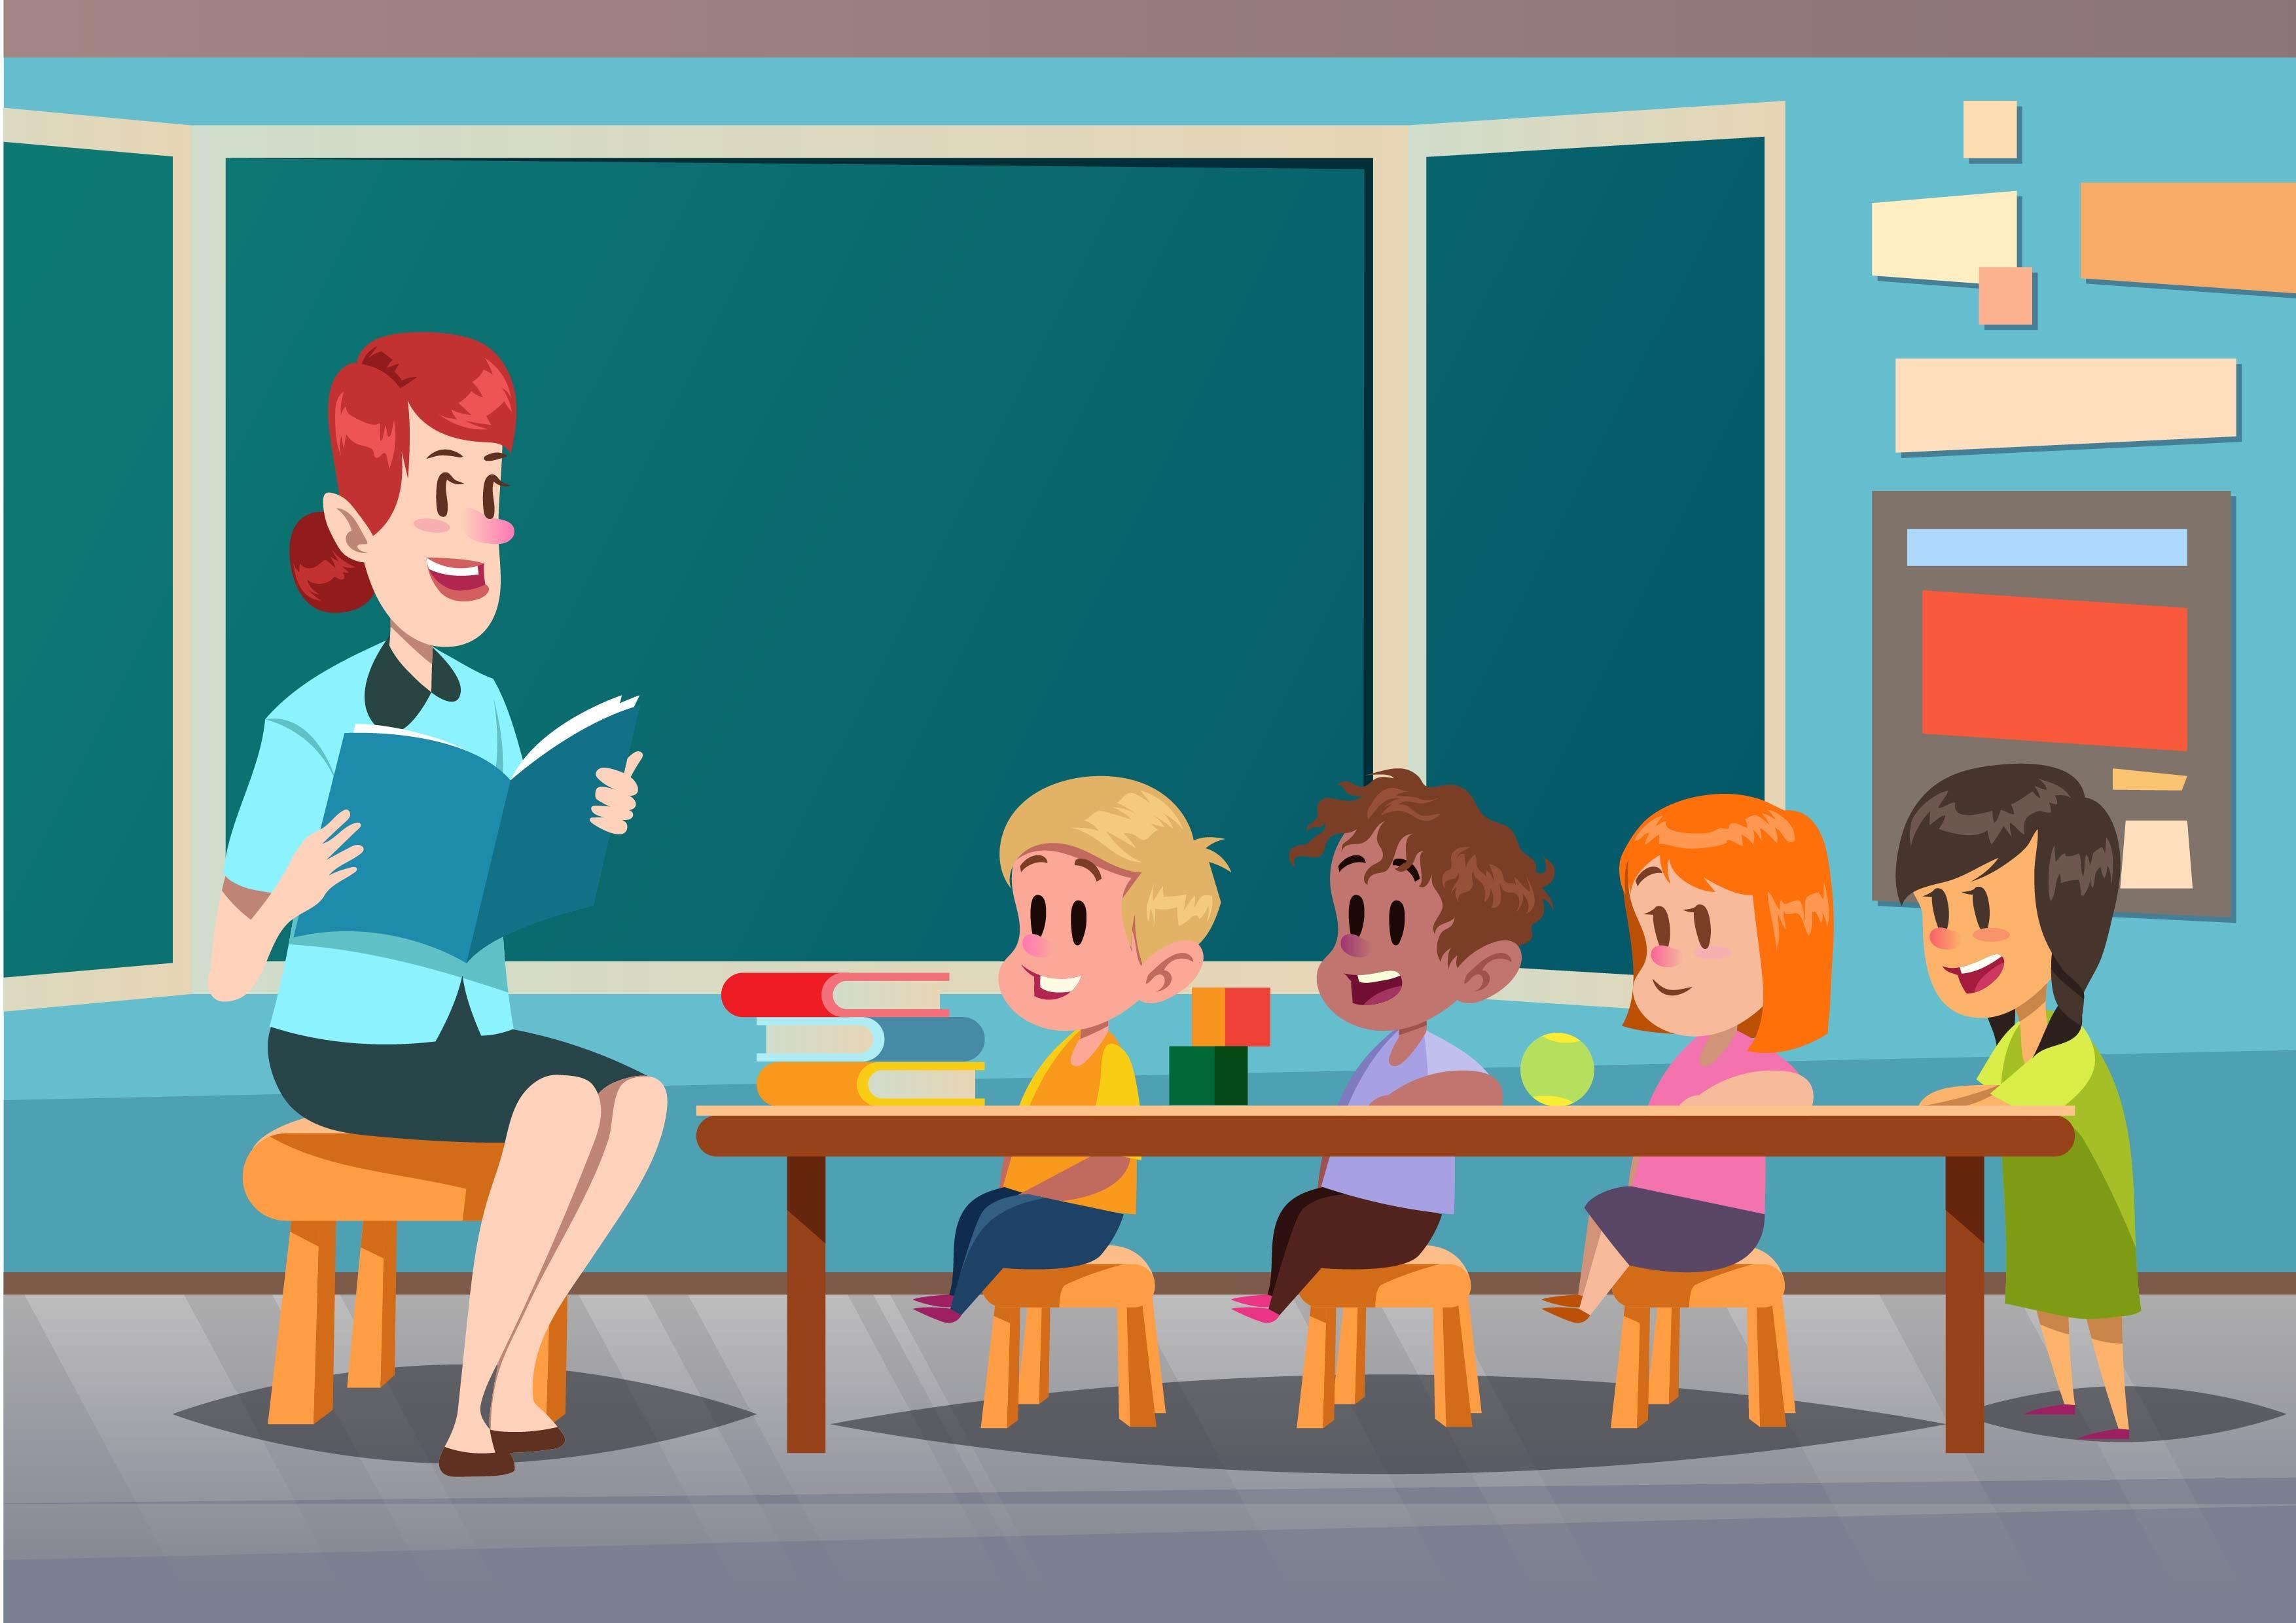 Aula con niños - Descargue Gráficos y Vectores Gratis